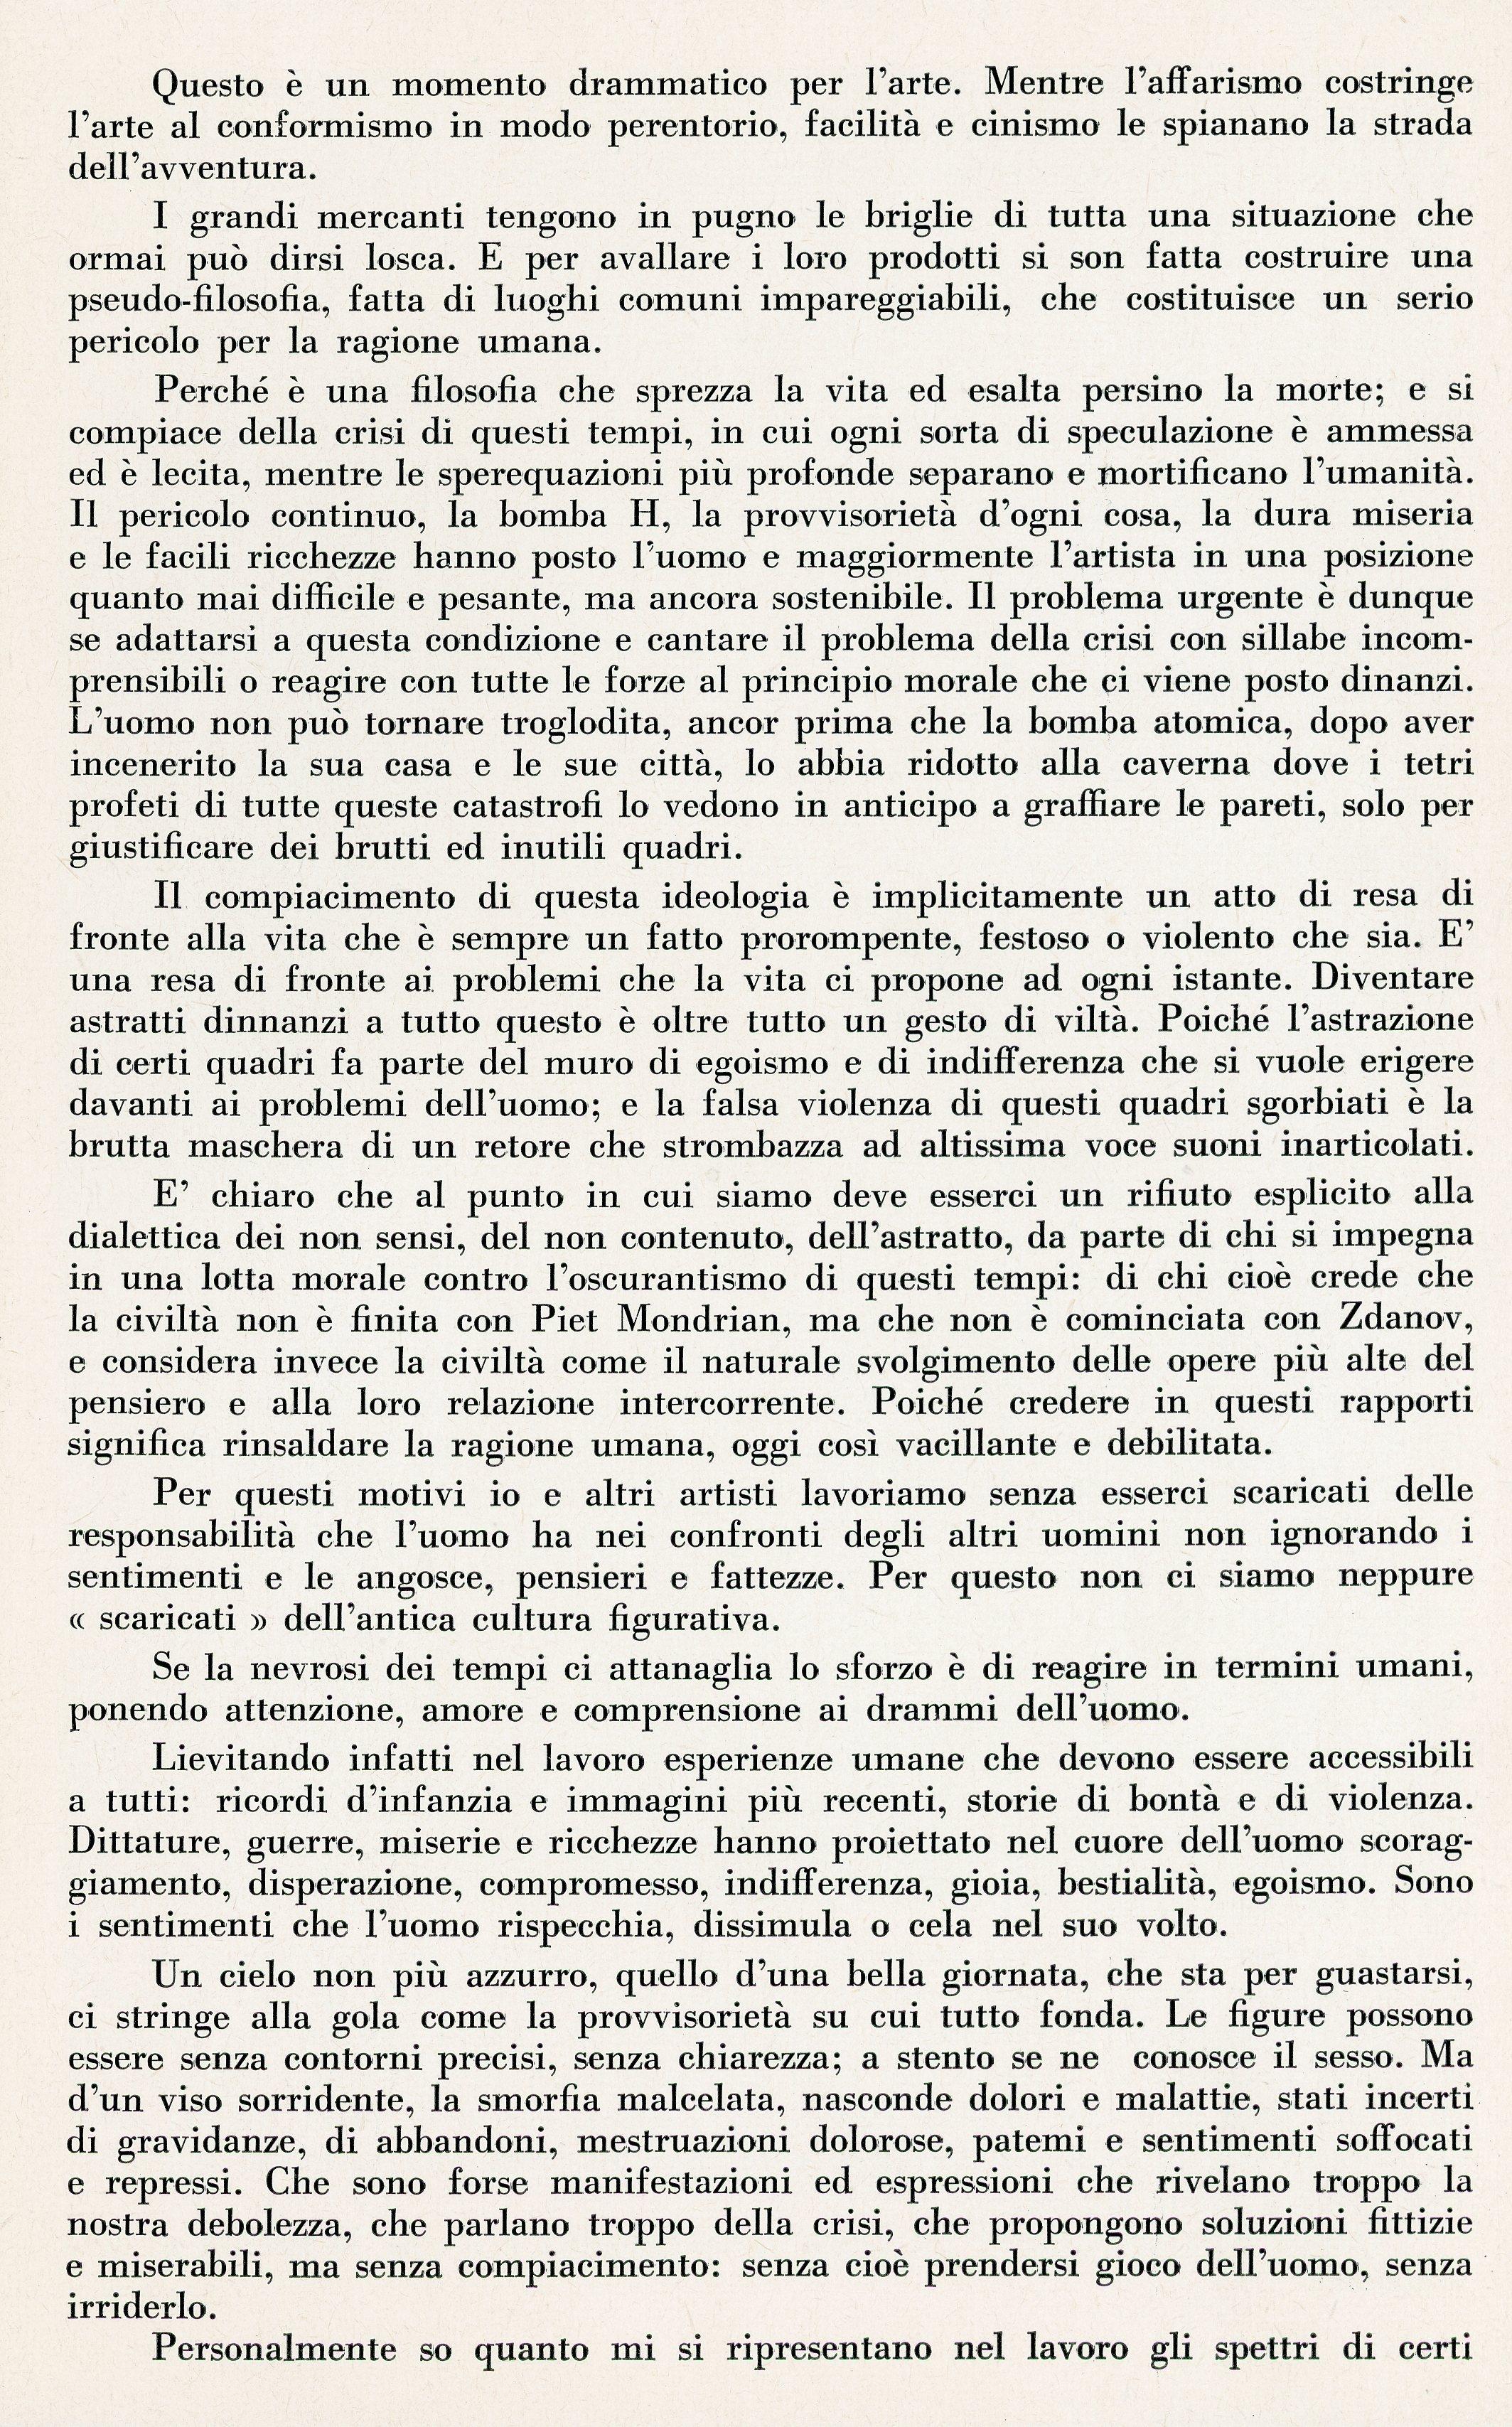 1963-03 Galleria don Chisciotte - Bruno Caruso_02.jpg